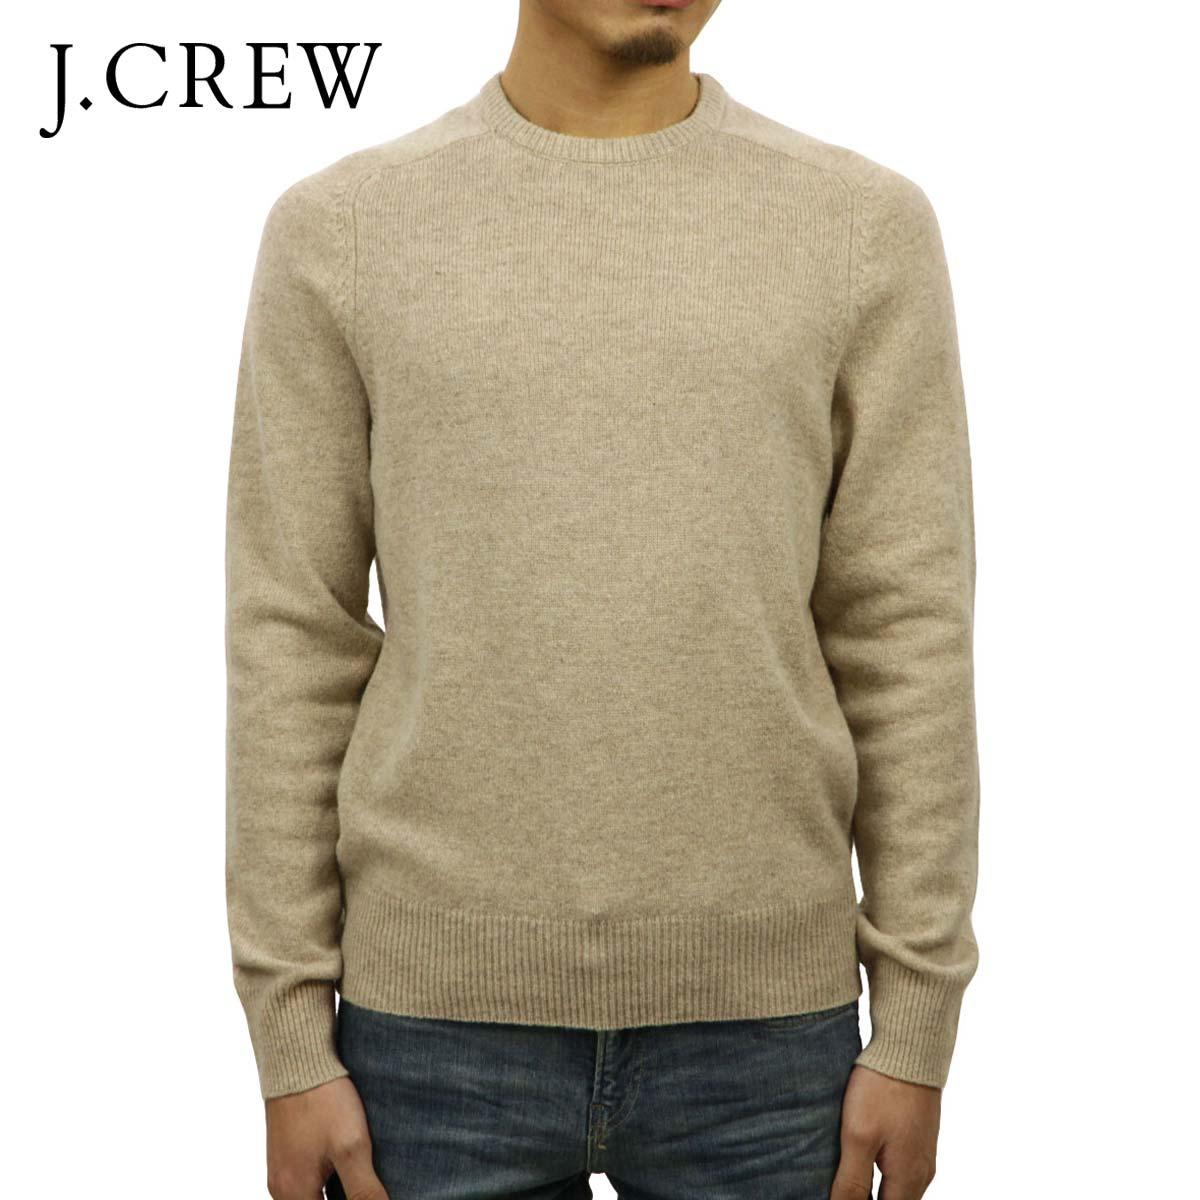 ジェイクルー セーター メンズ 正規品 J.CREW LAMBSWOOL CREWNECK SWEATER BEIGE